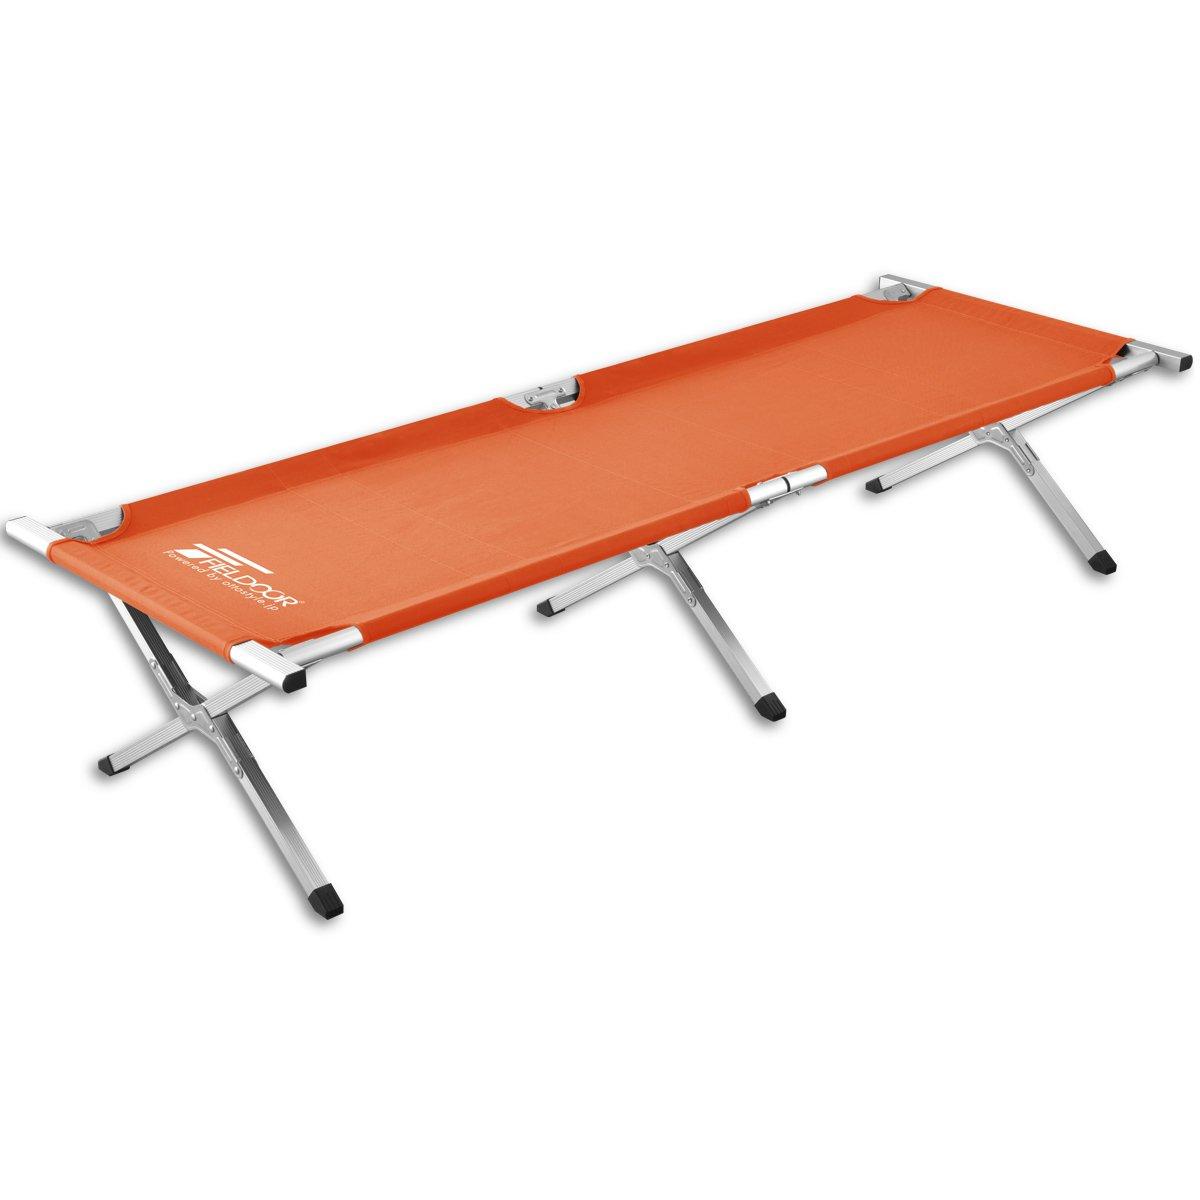 FIELDOOR アウトドアコット 耐荷重180kg 190×69×40cm アルミ キャンプベッド ベンチ 折りたたみ式 簡単